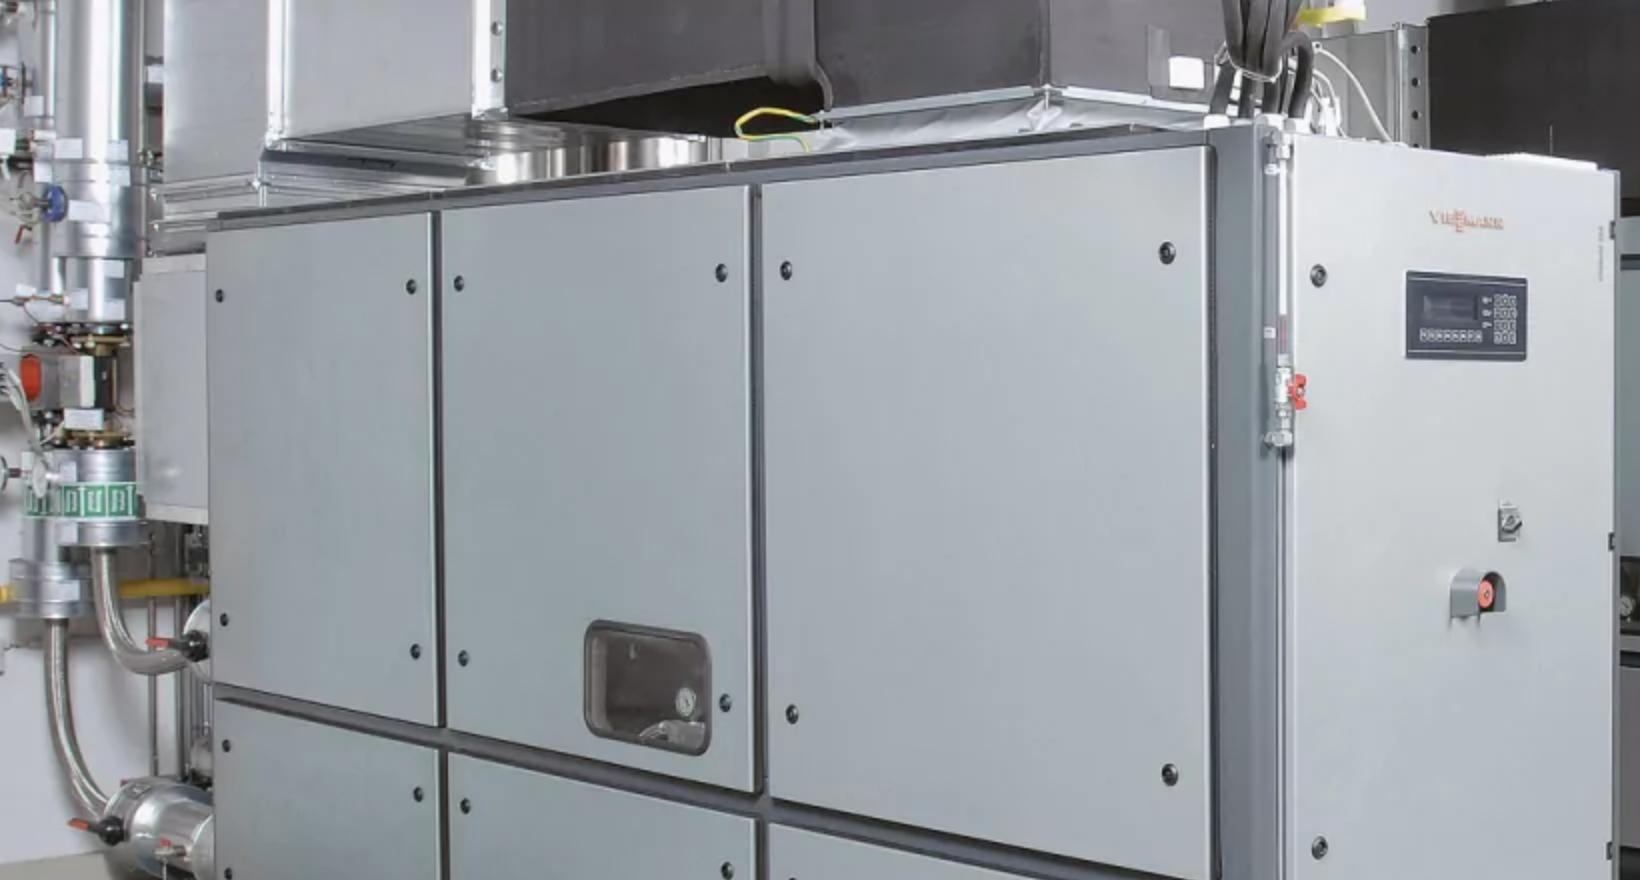 Viessmann - Unités de cogénération jusqu'à 530 kWel et 660 kWth